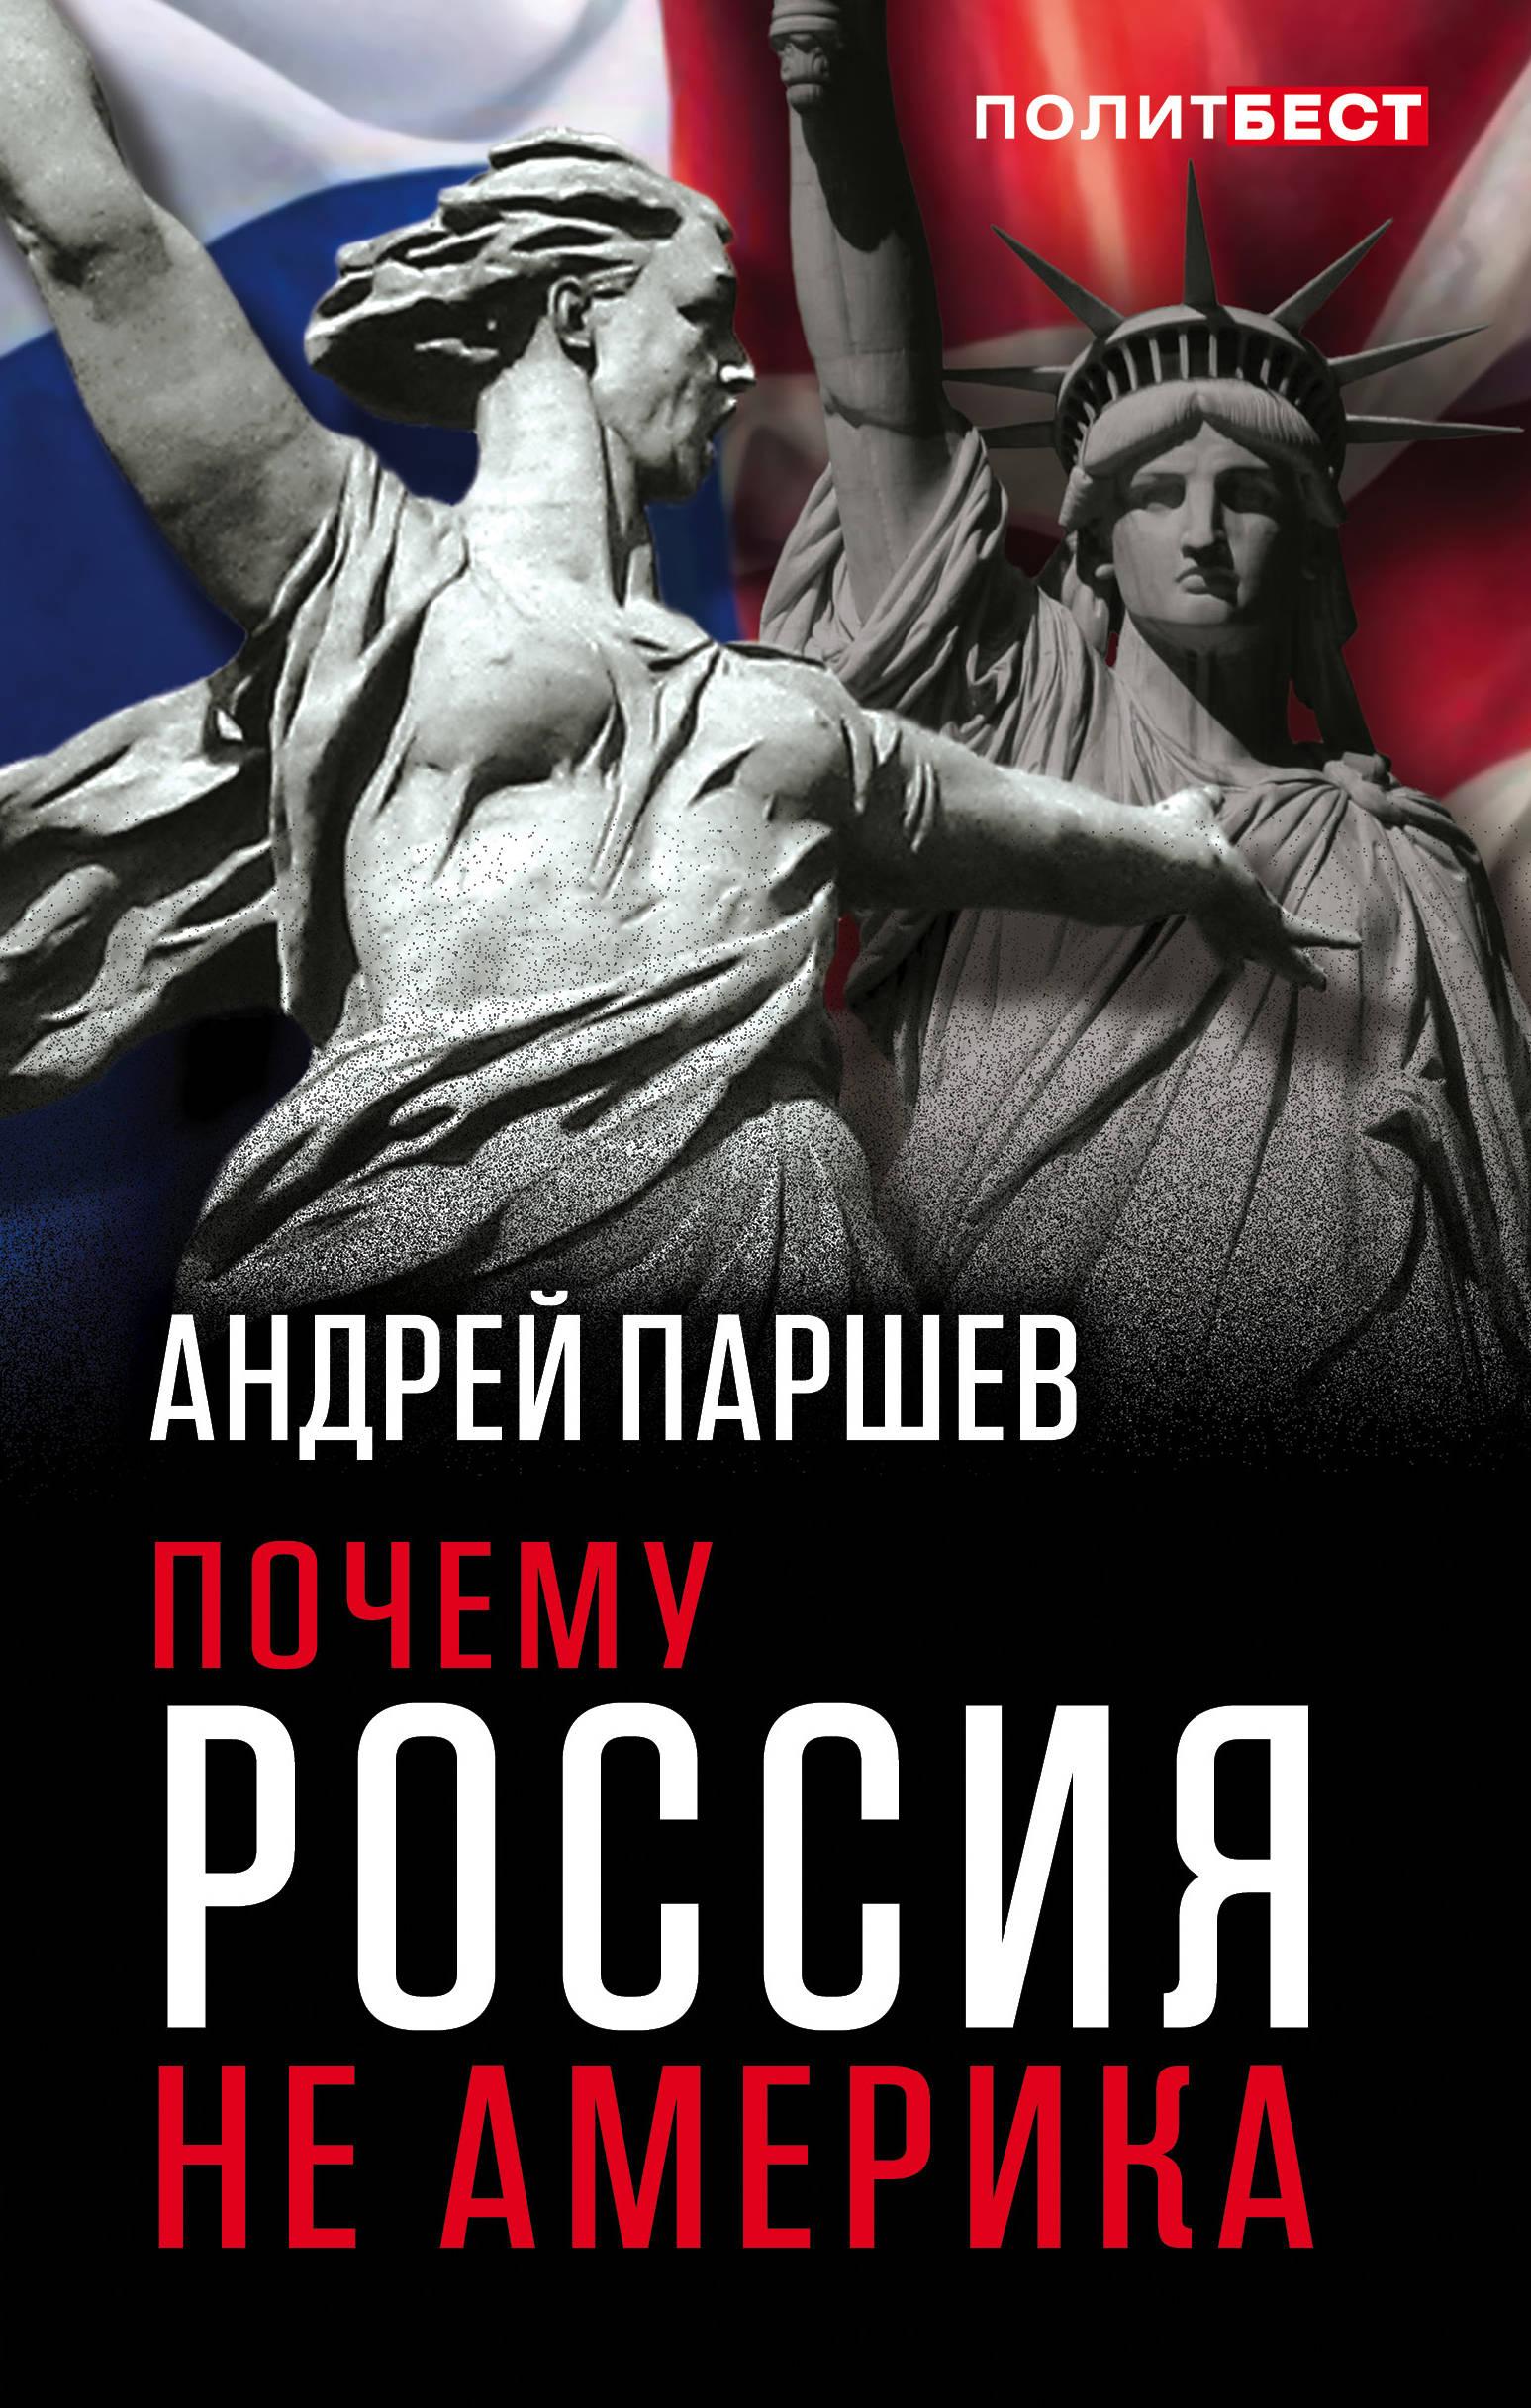 Андрей Паршев Почему Россия не Америка